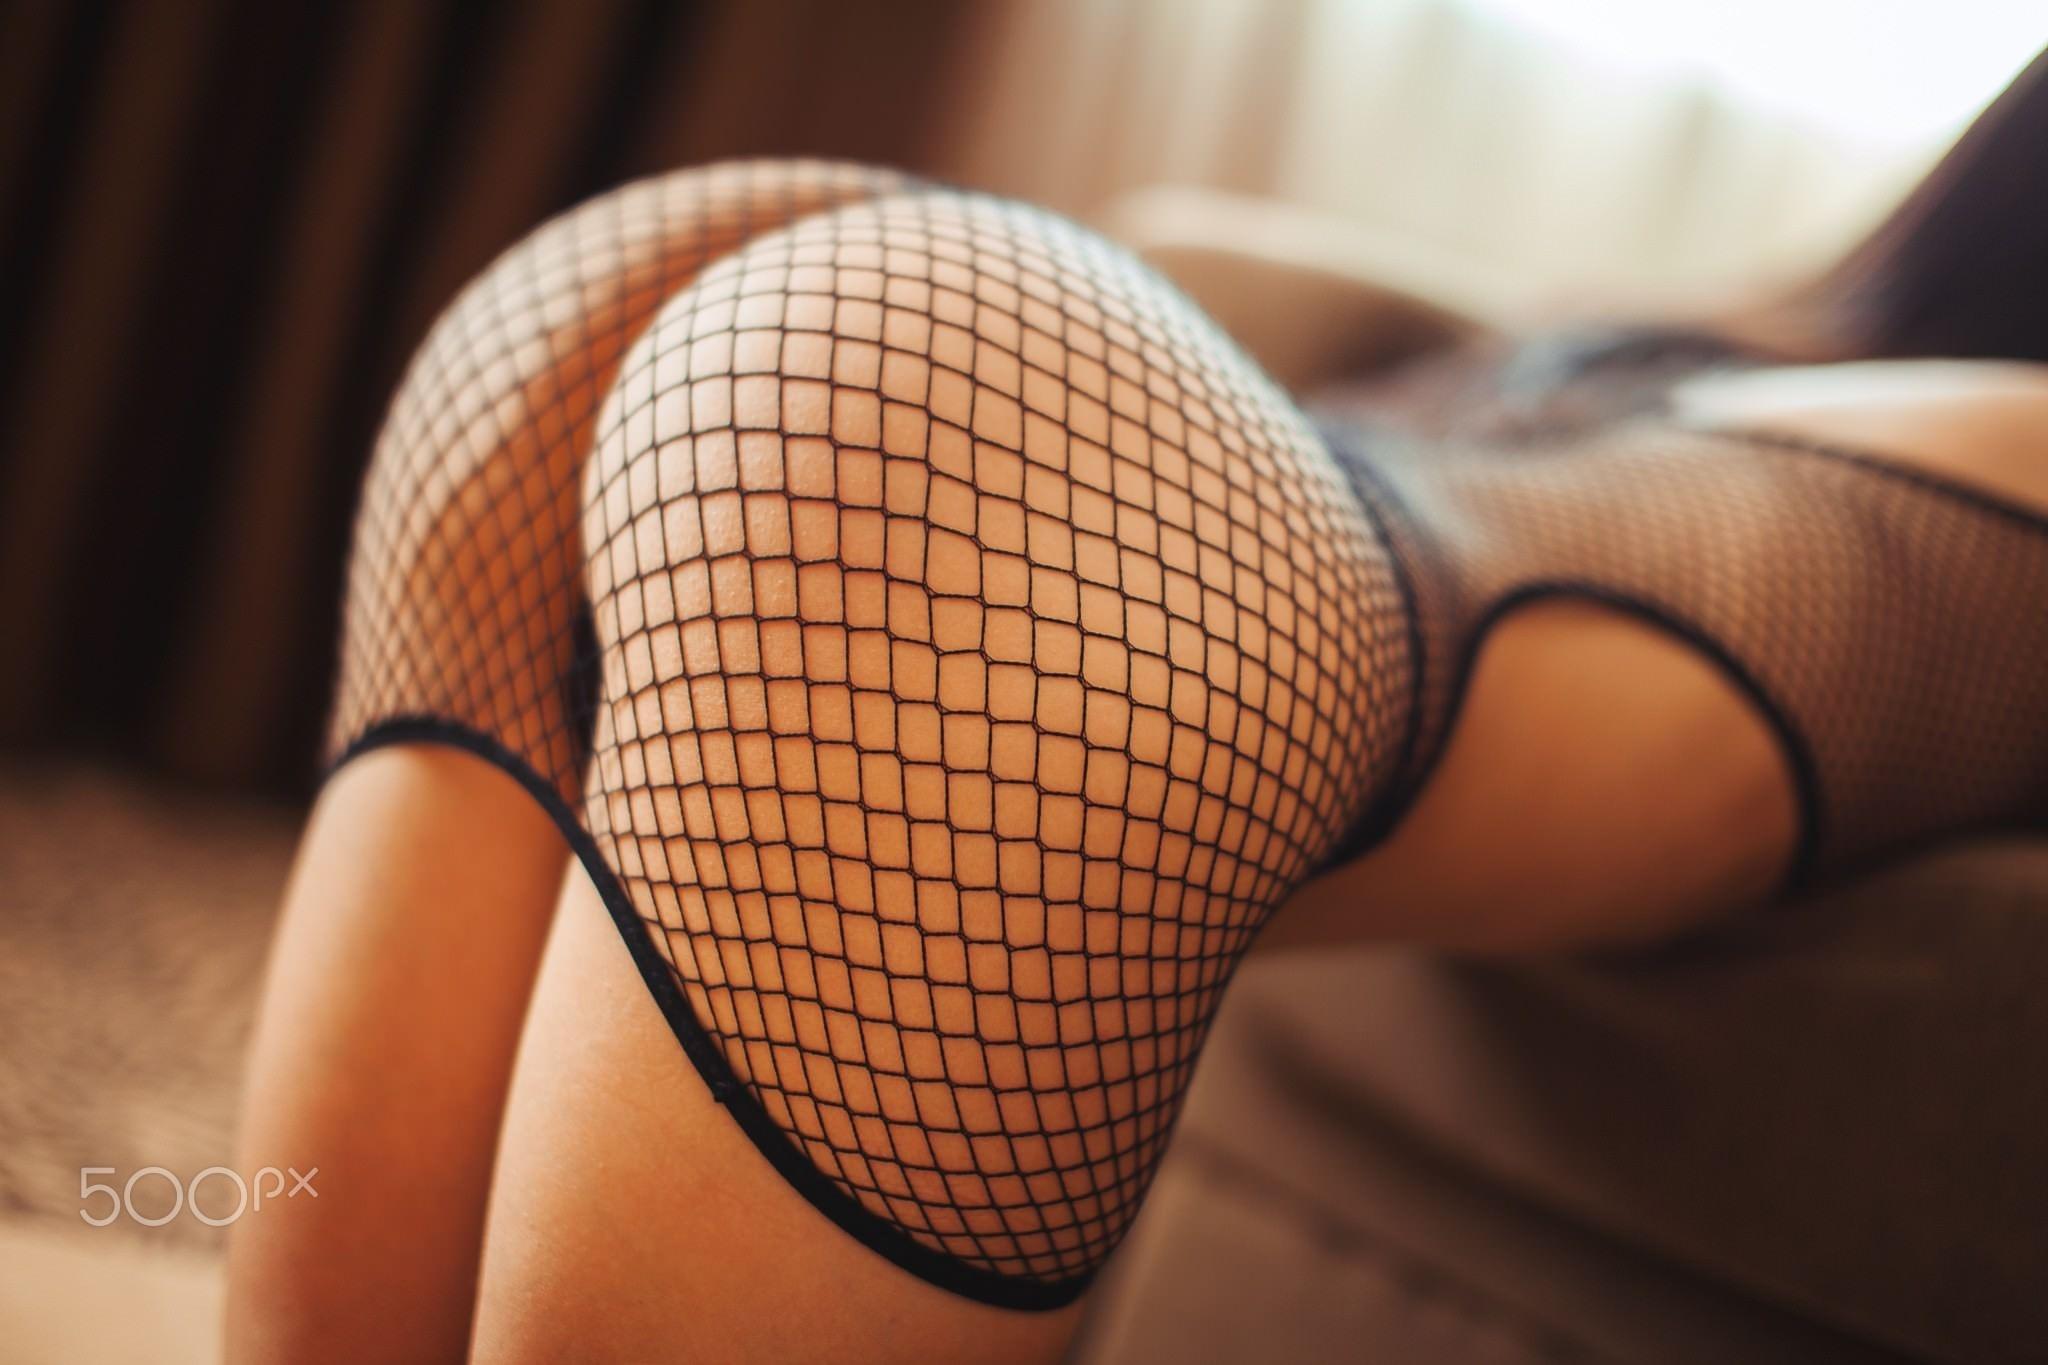 Фото Сексуальная попка в сетчатом боди, девушка встала раком перед диваном, эротично вытянув попу, шикарные булки, круглая прекрасная попка, скачать картинку бесплатно